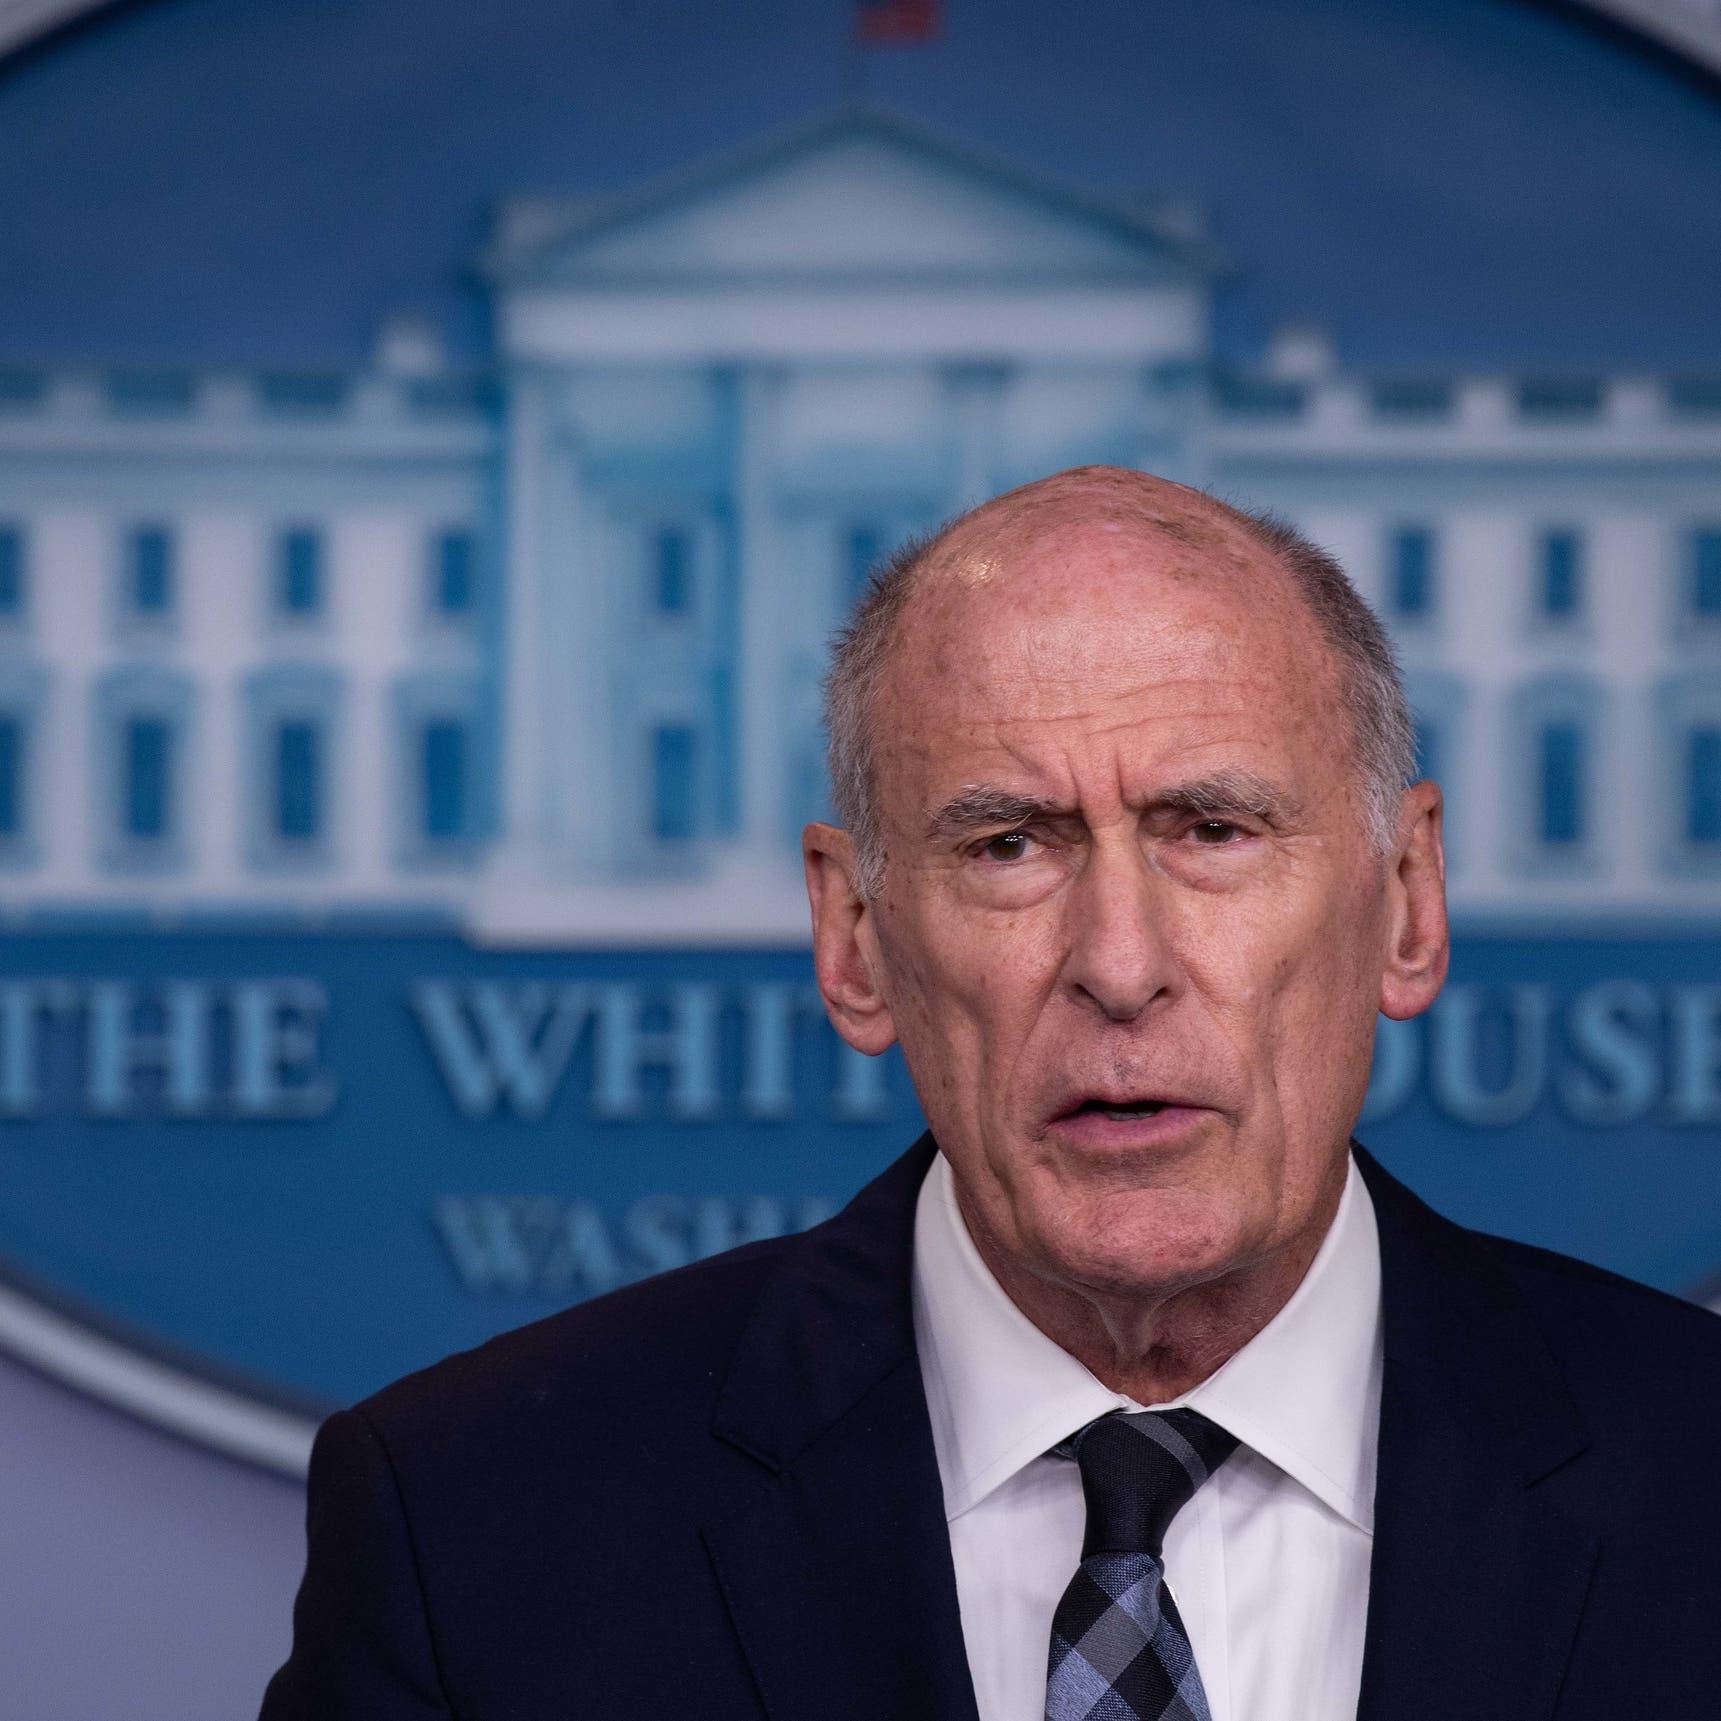 مخابرات أميركا: لا يزال لداعش 8 فروع وآلاف المقاتلين